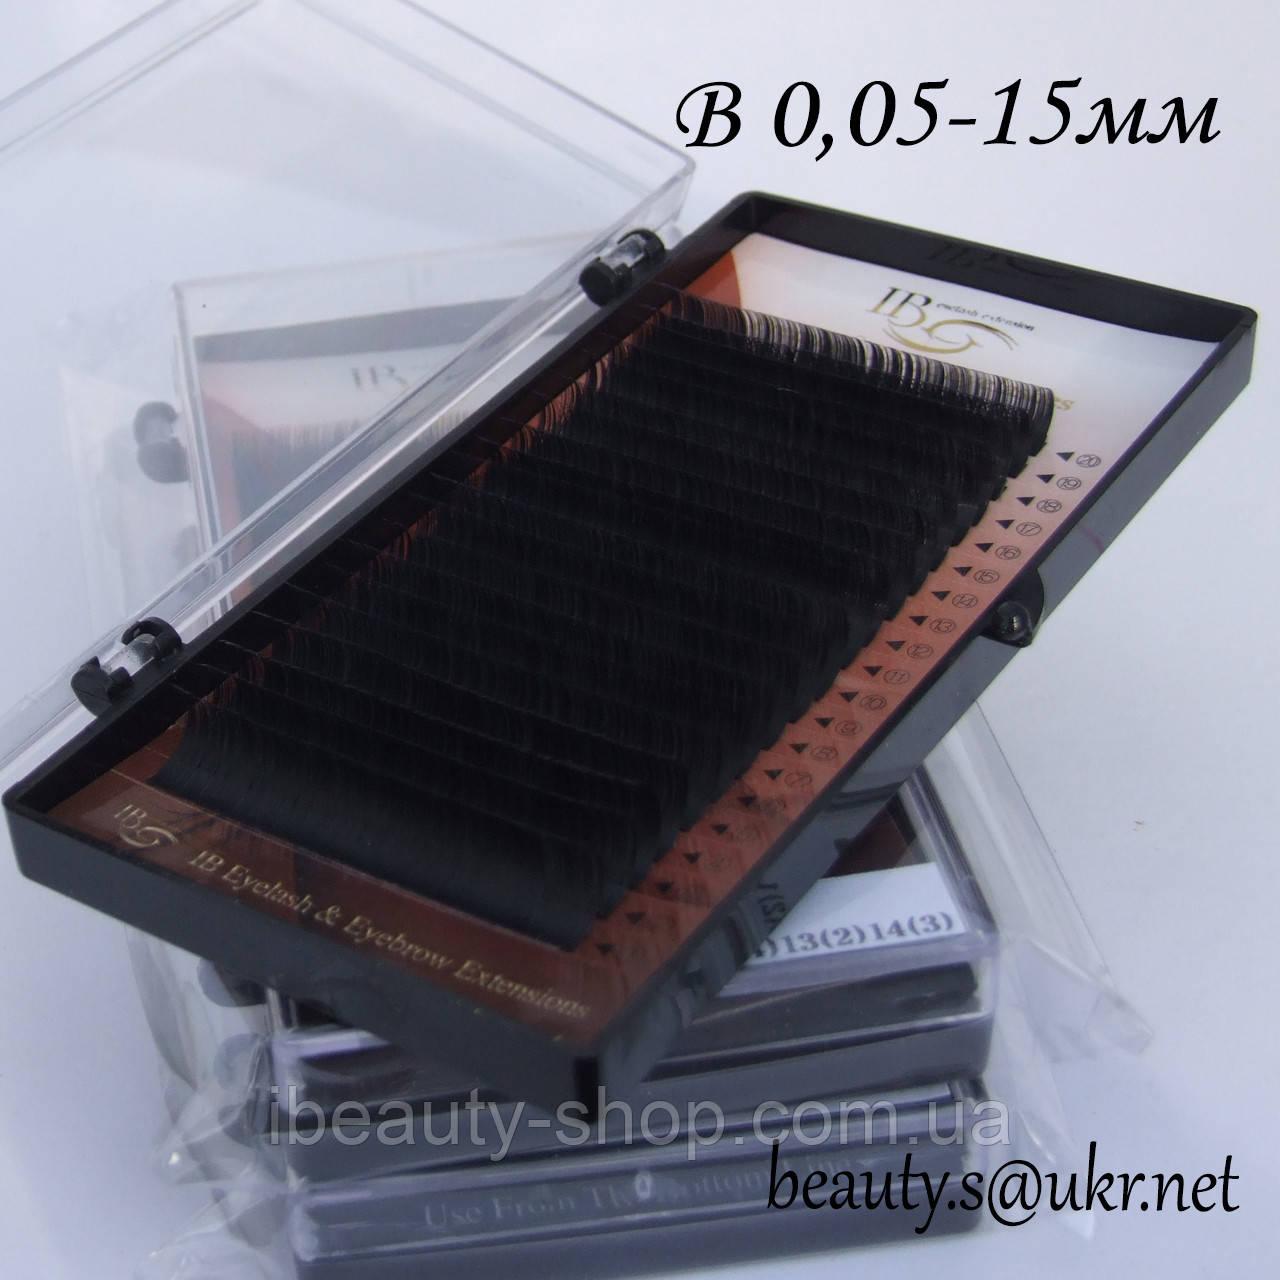 Вії I-Beauty на стрічці B 0,05-15мм